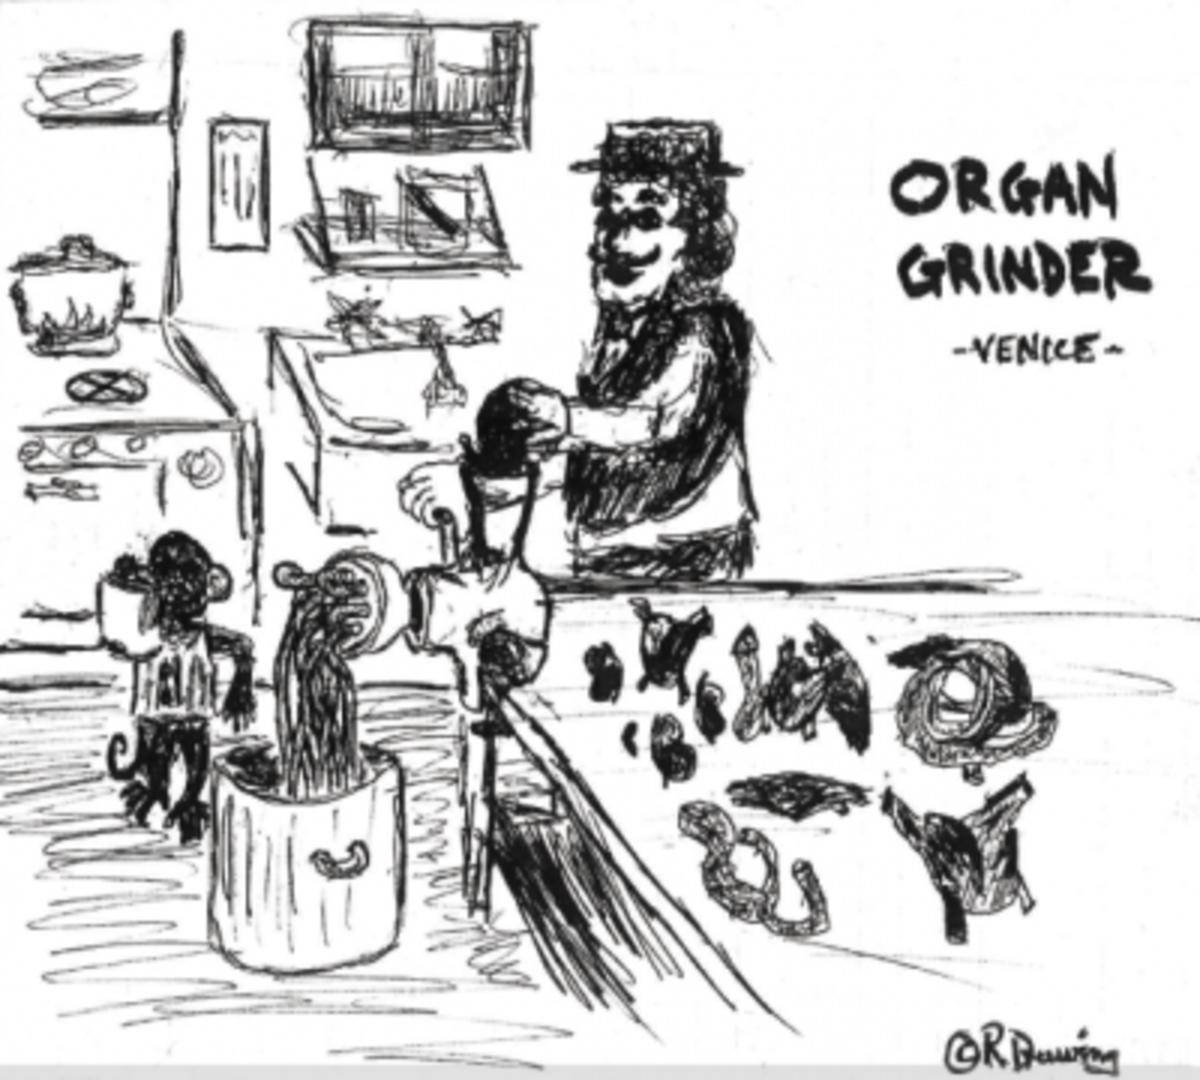 ORGAN GRINDER - Venice